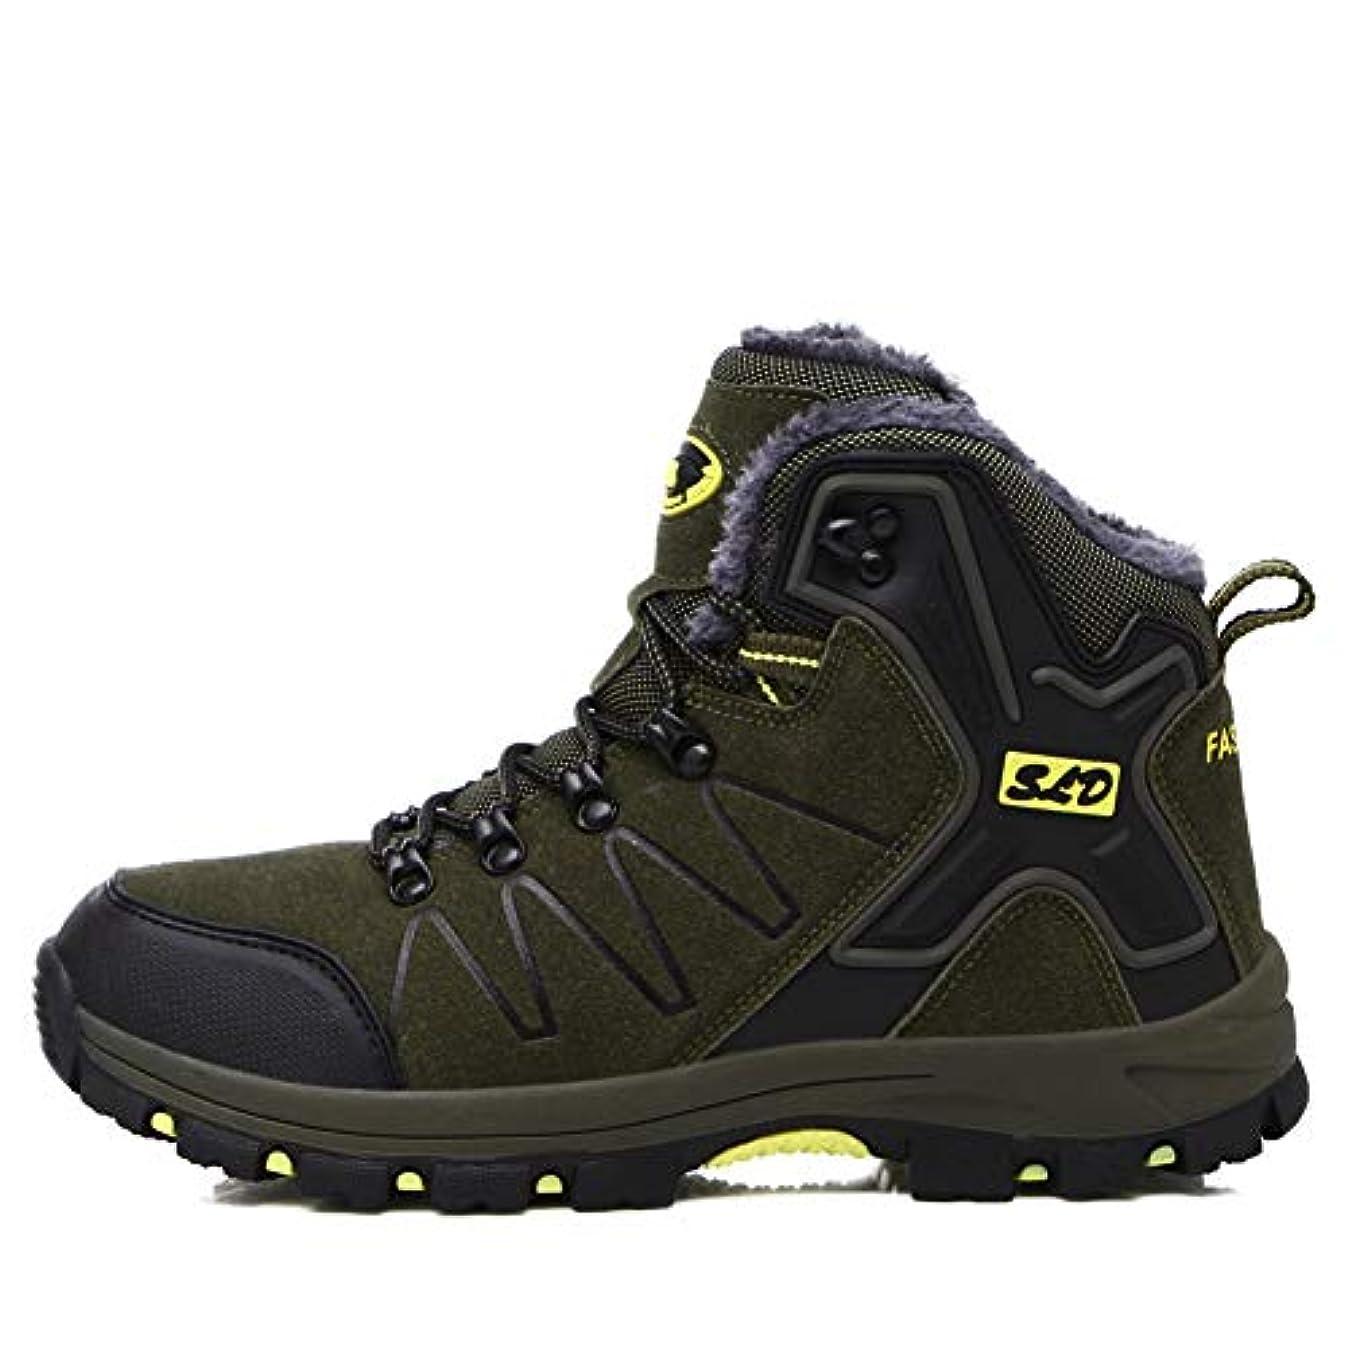 すき援助するリスキーな[TcIFE] トレッキングシューズ メンズ 防水 防滑 ハイカット 登山靴 大きいサイズ ハイキングシューズ メンズ 耐磨耗 ハイキングシューズ メンズ 通気性 スニーカー